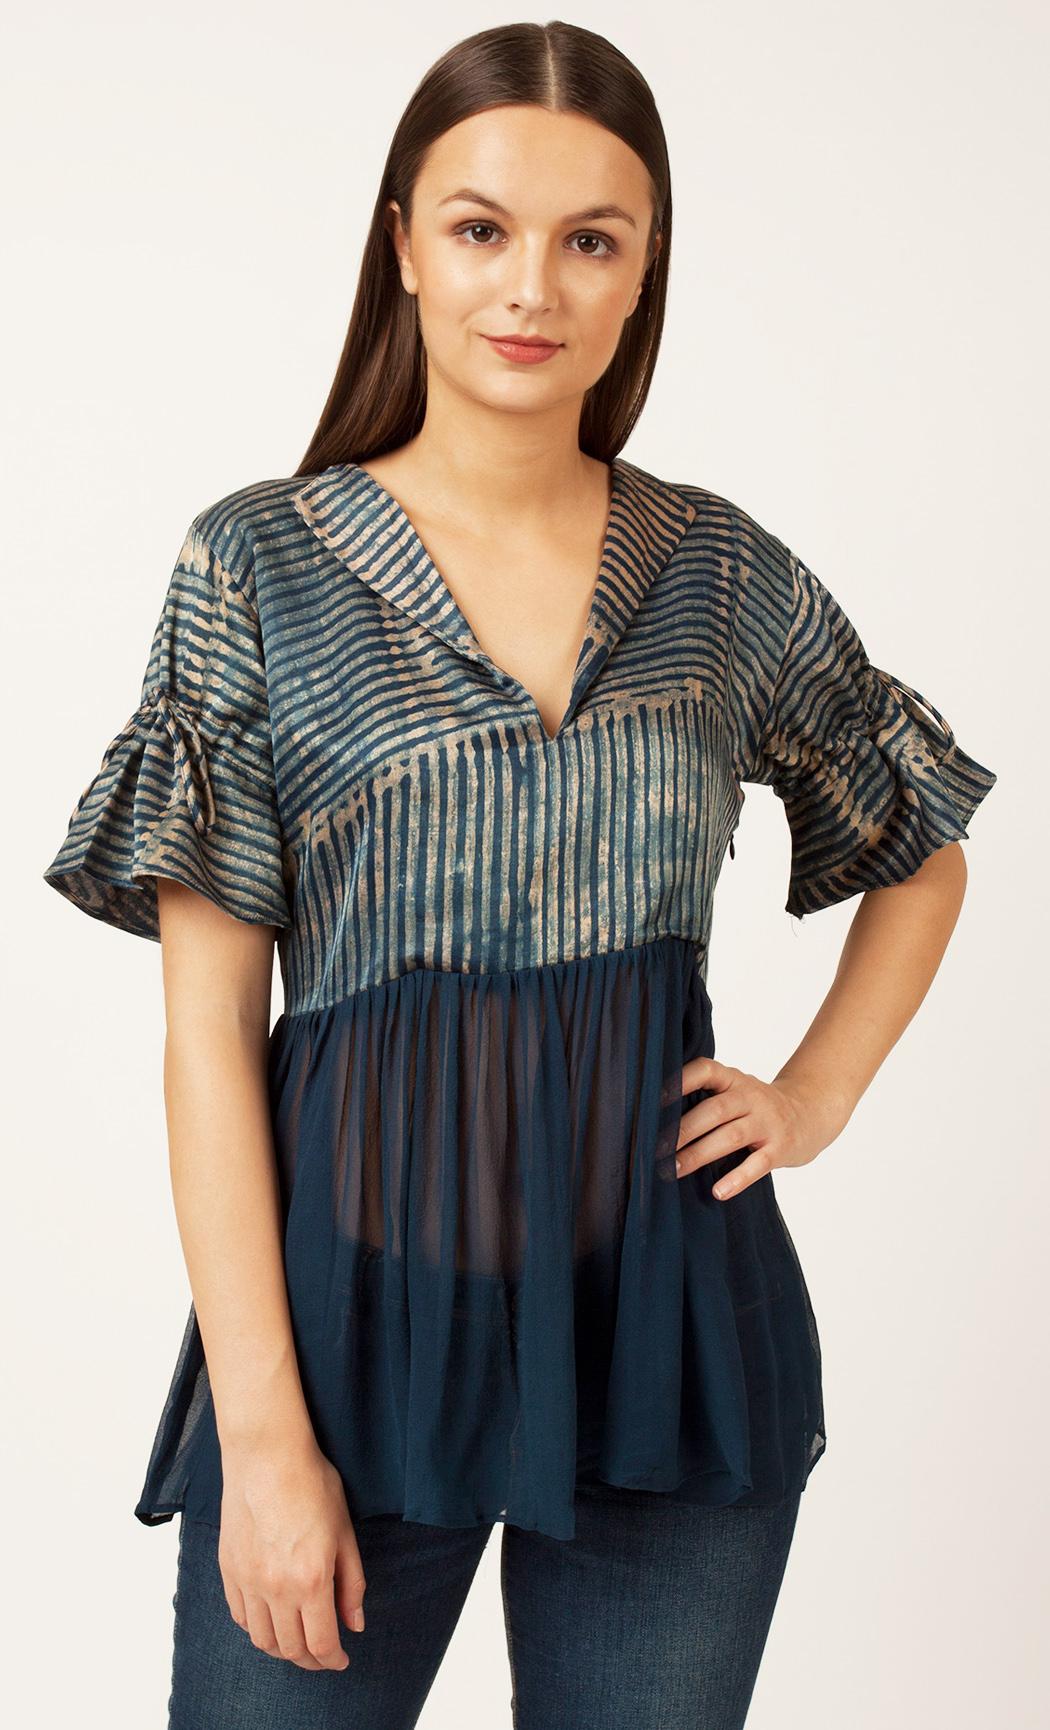 Blue Stripe Printed Top. Buy Online